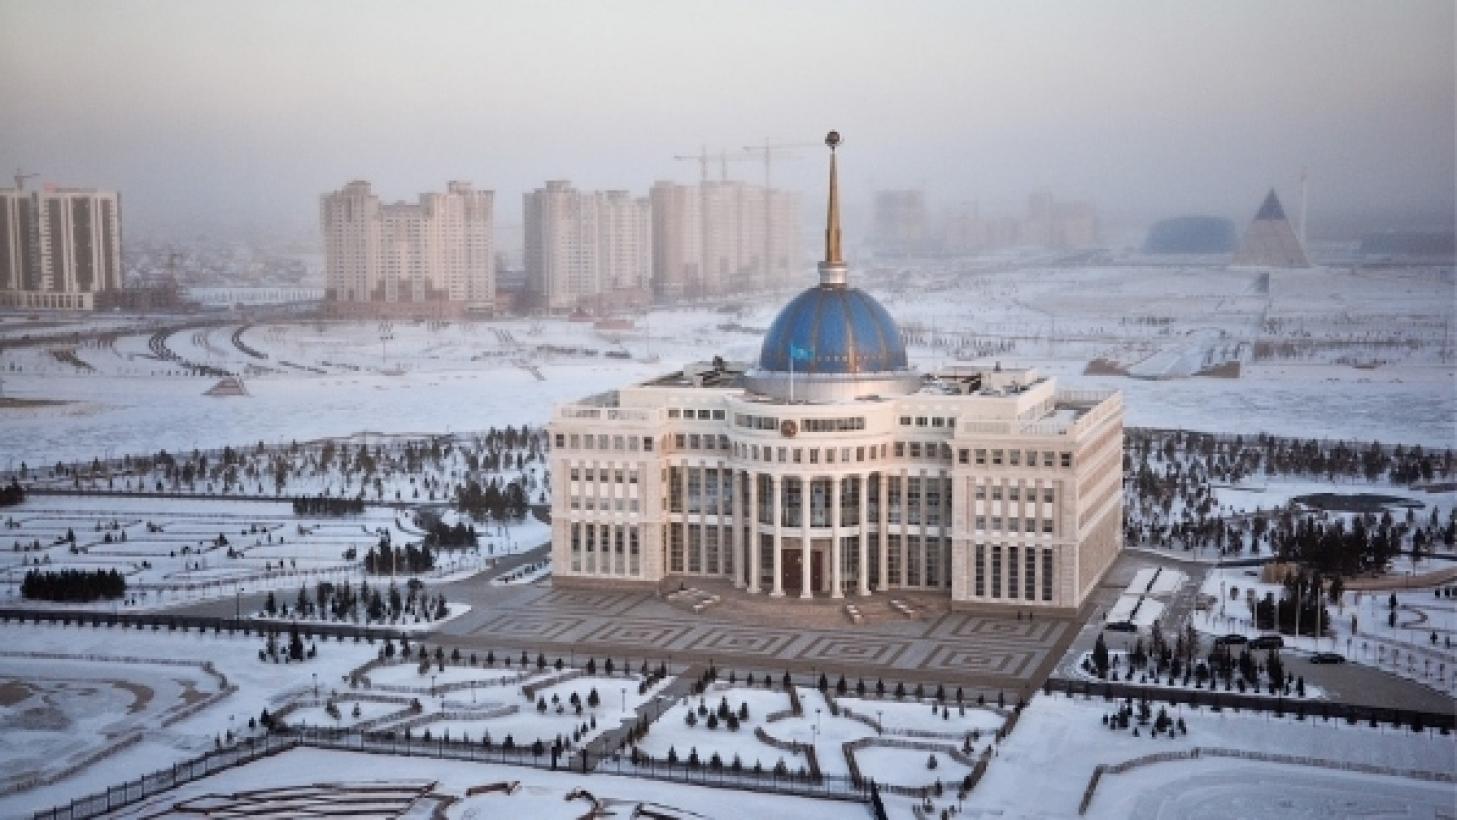 ВРИО управляющего делами Президента назначен в РК